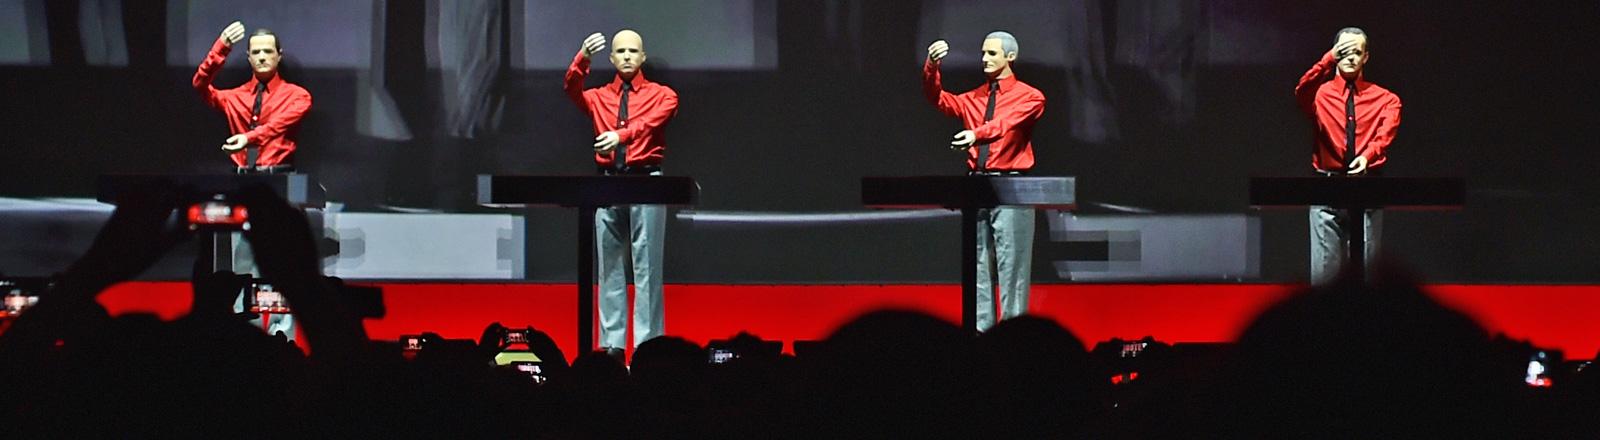 Puppen mit roten Hemden und schwarzen Krawatten stehen auf einer Bühne, Konzert der Band Kraftwerk in der Berliner Neuen Nationalgalerie (06.01.2015); Bild: dpa